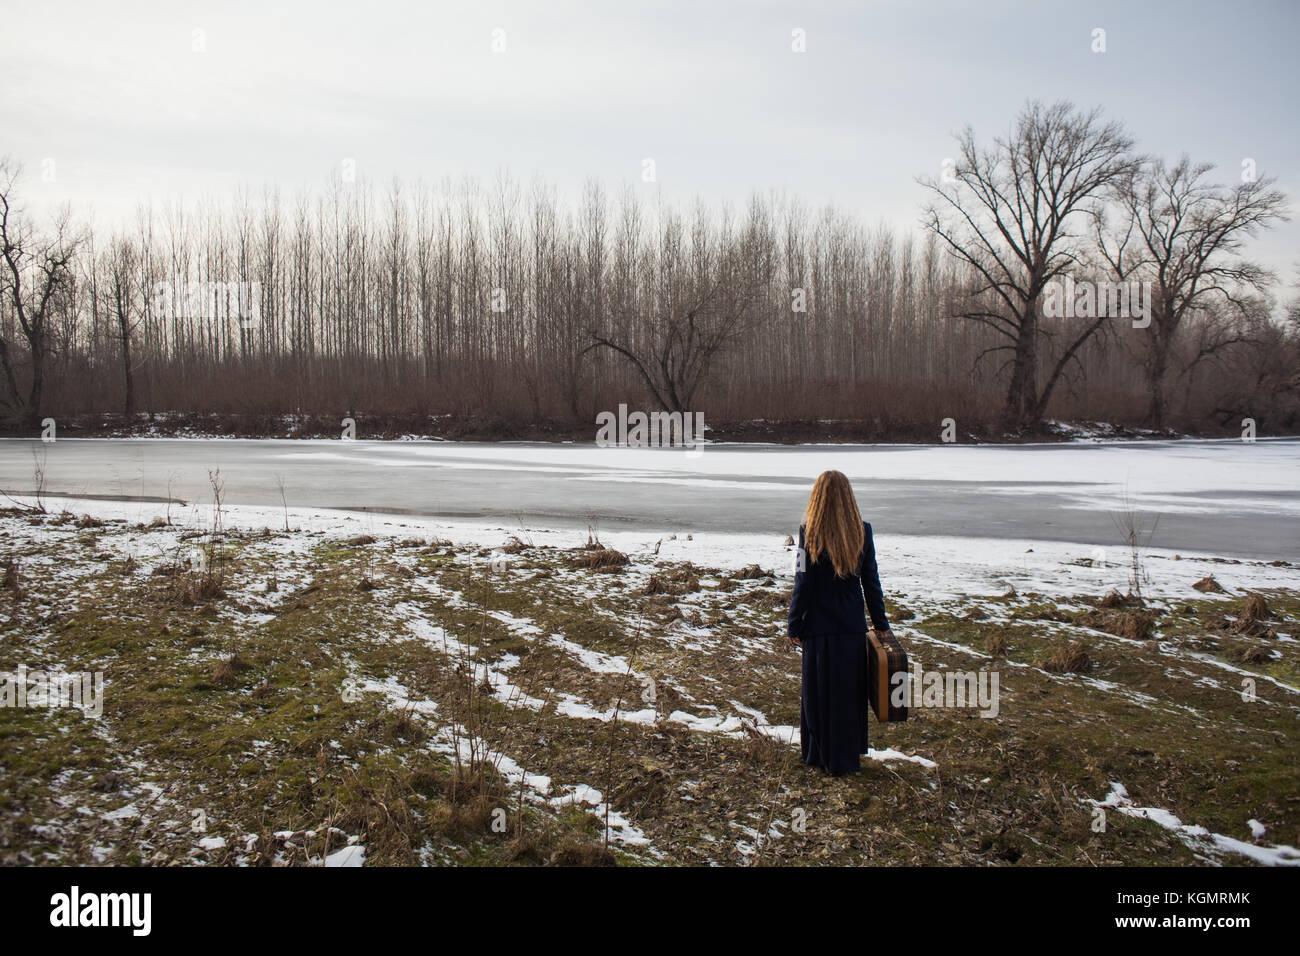 Donna in piedi vicino al fiume con la vecchia valigia e stai cercando un modo per andare Immagini Stock